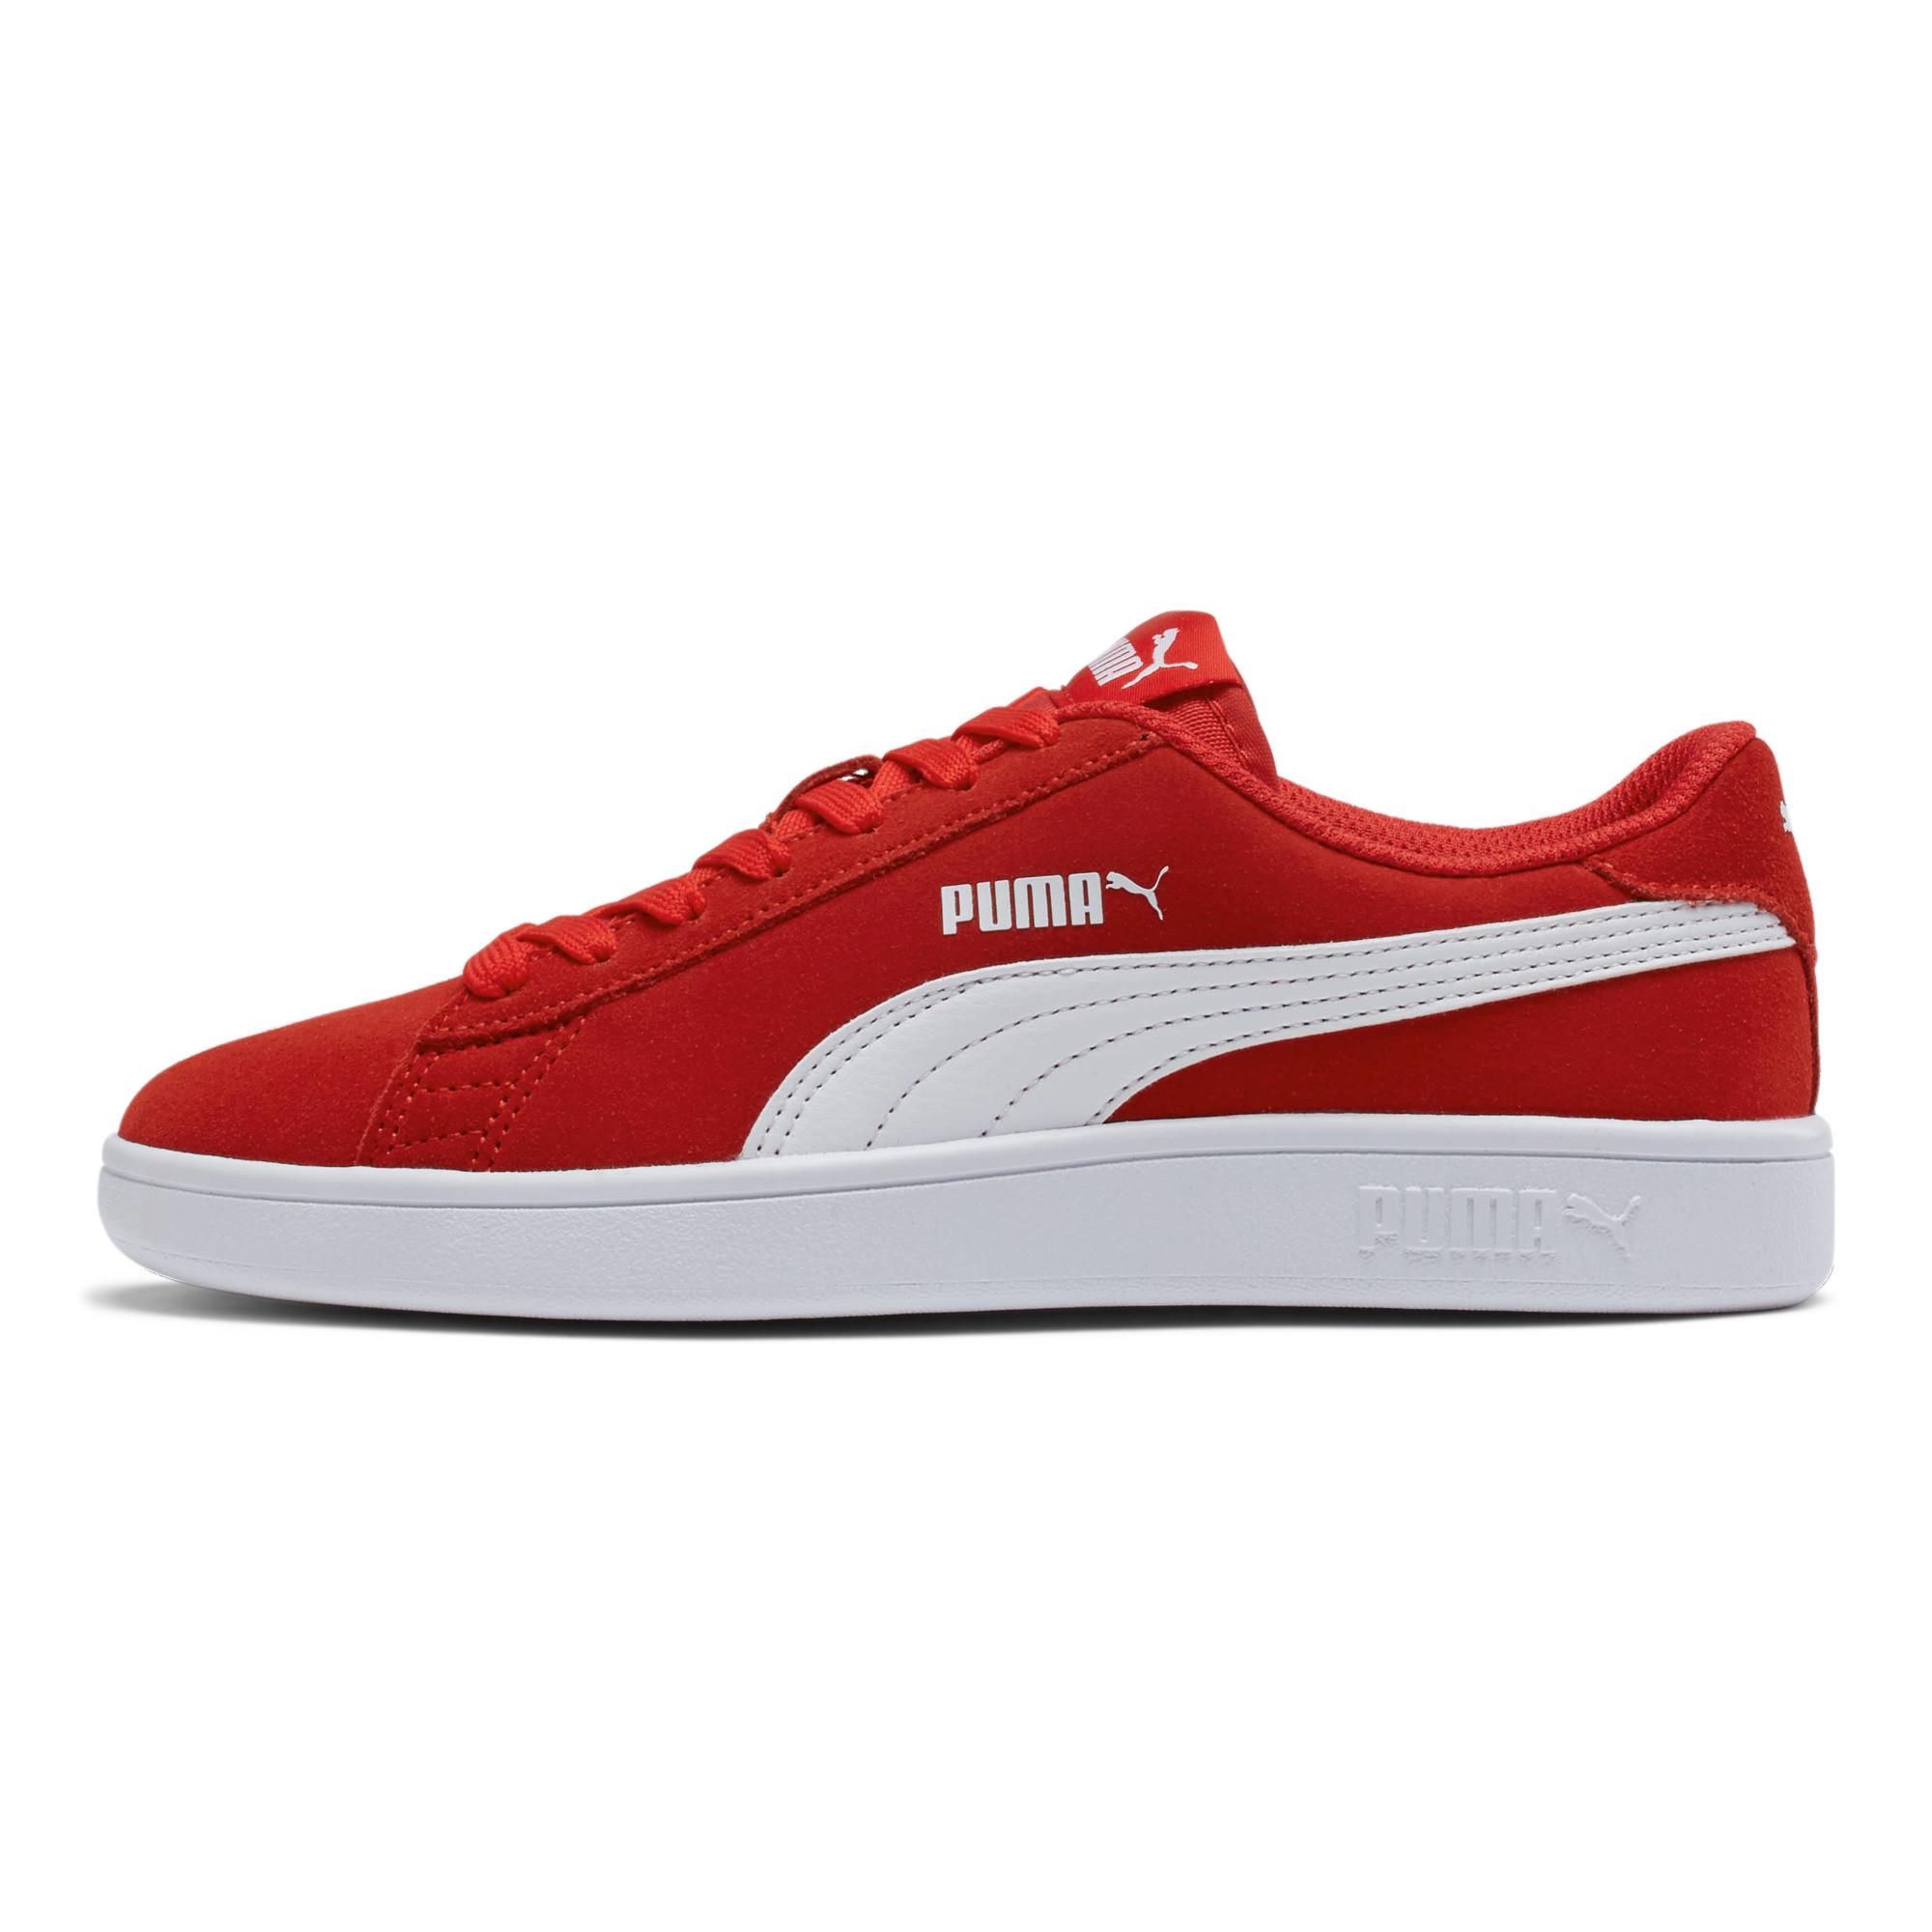 miniature 9 - Puma Junior Smash v2 Suede Sneakers